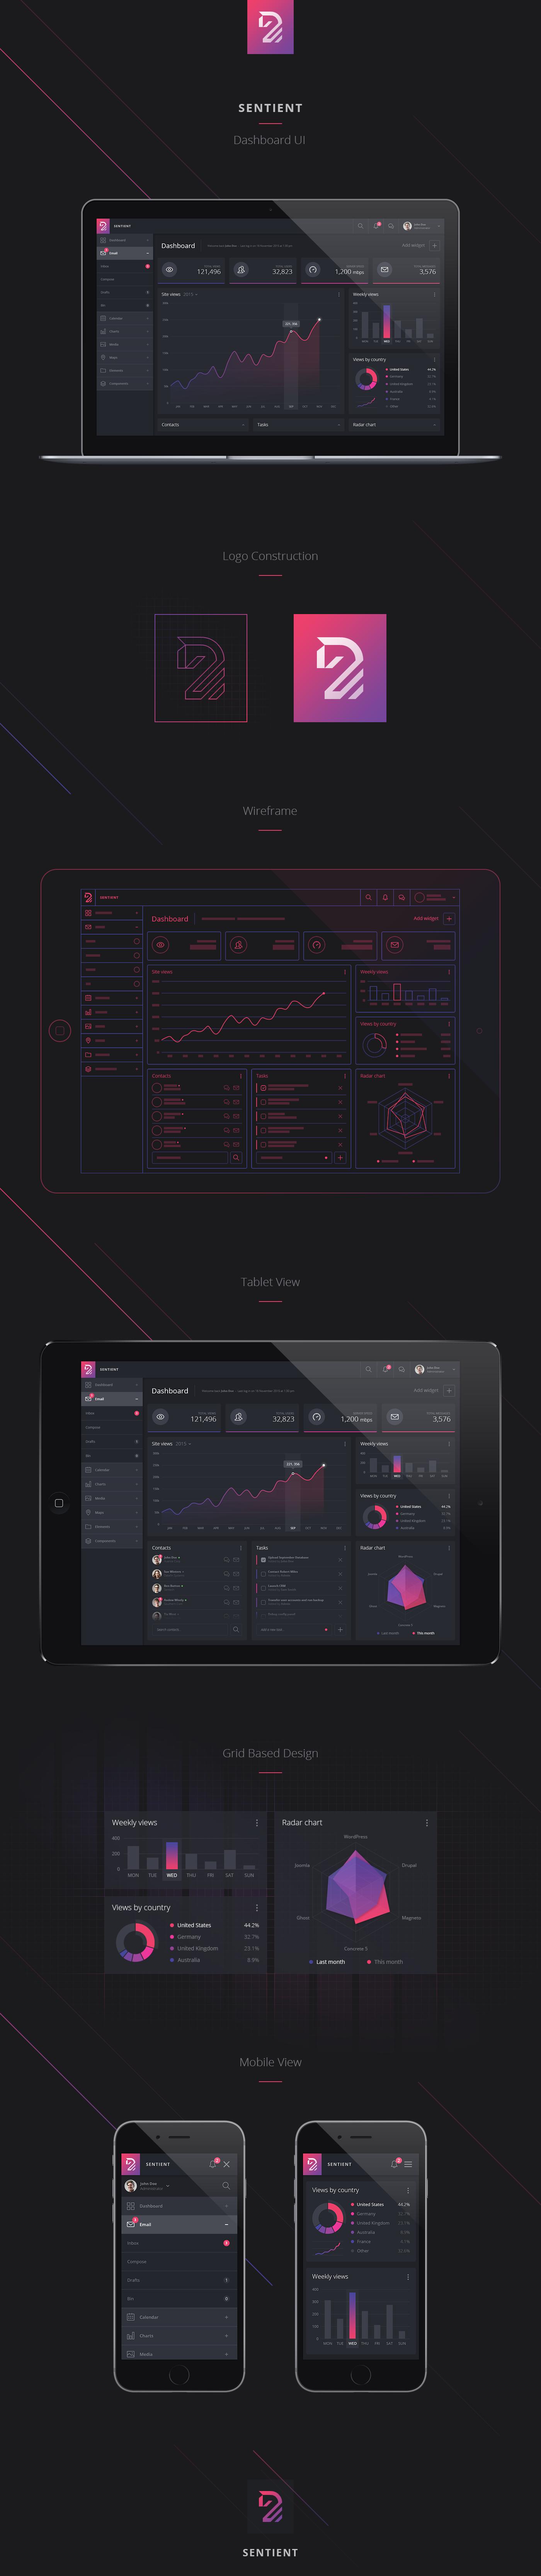 Sentient - Dashboard UI on